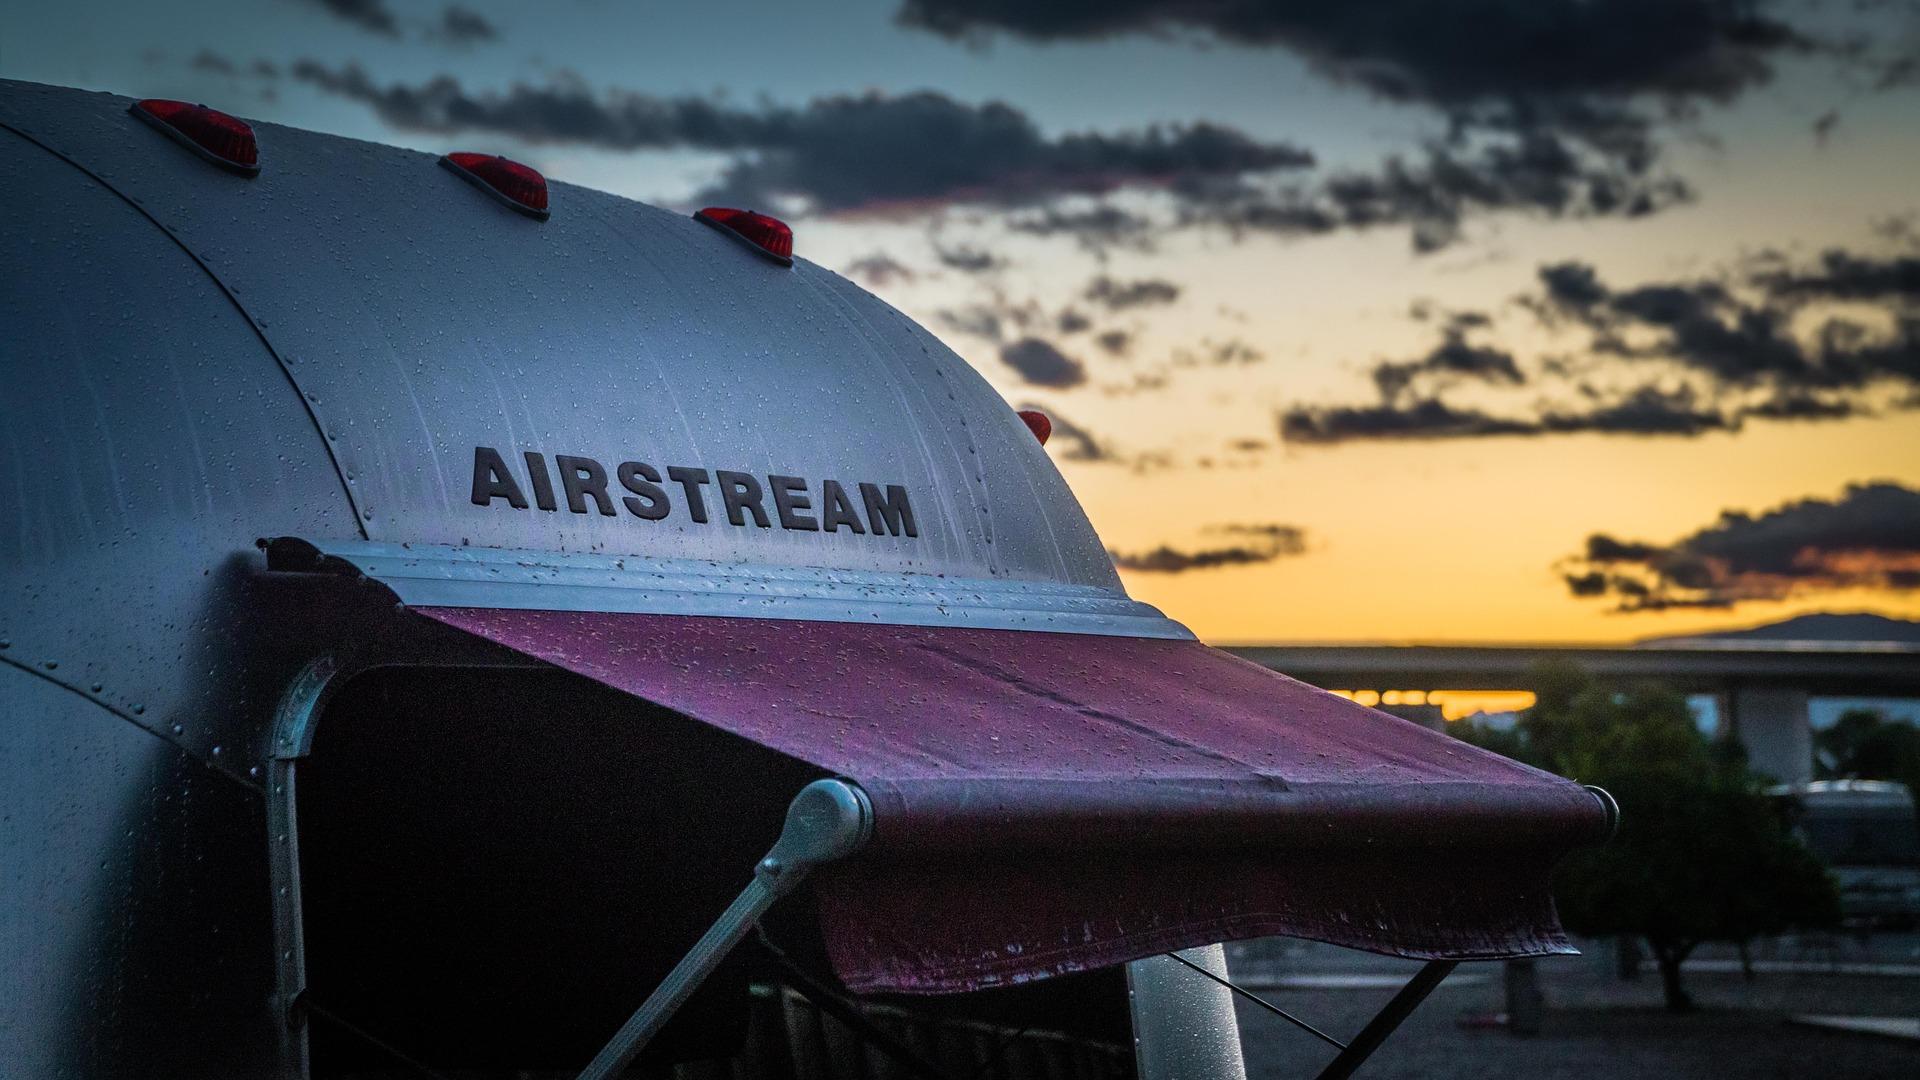 airstream-1359135_1920